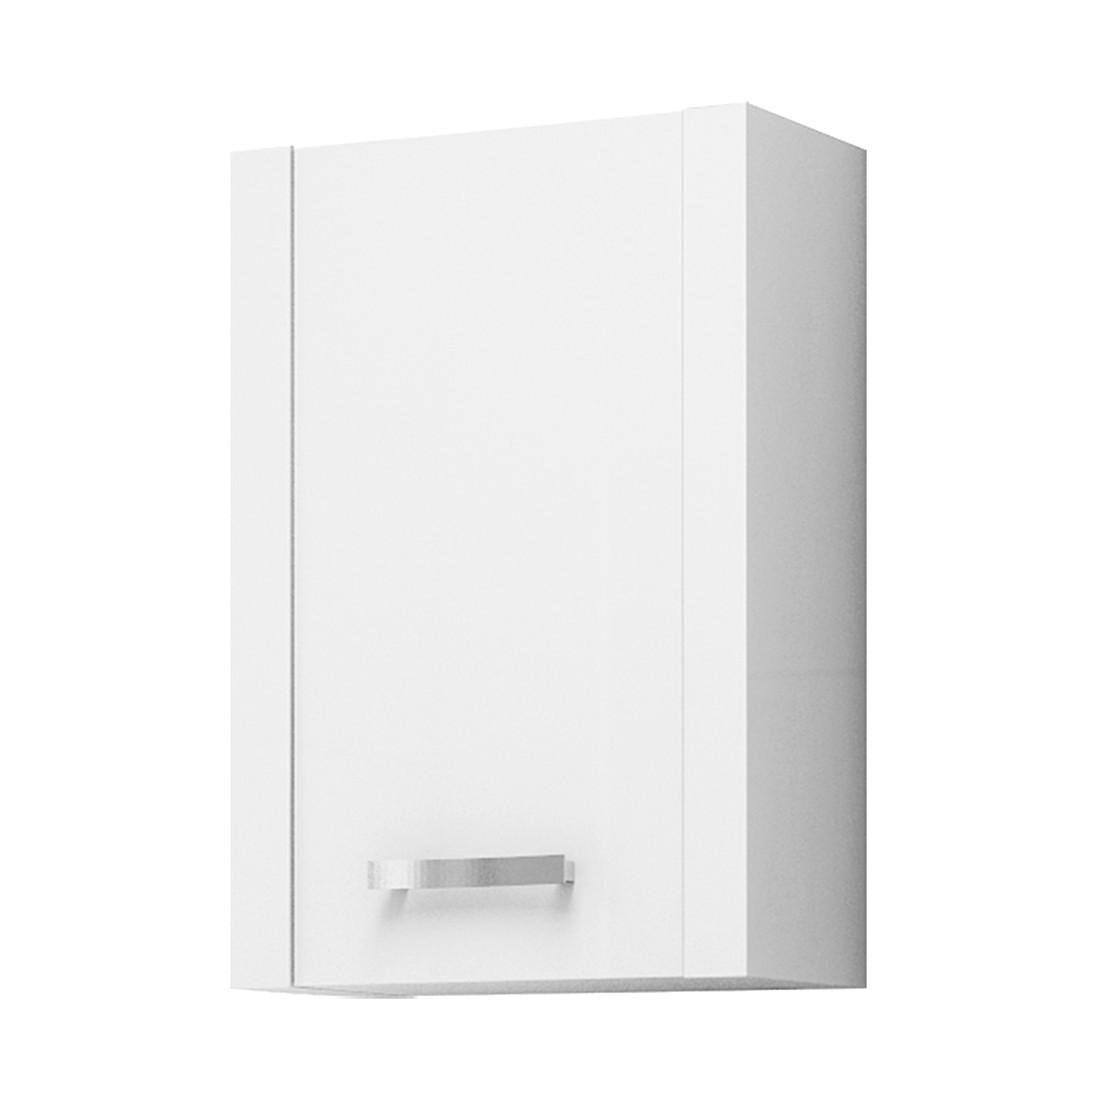 Hängeschrank Divus – Weiß, Aqua Suite günstig online kaufen